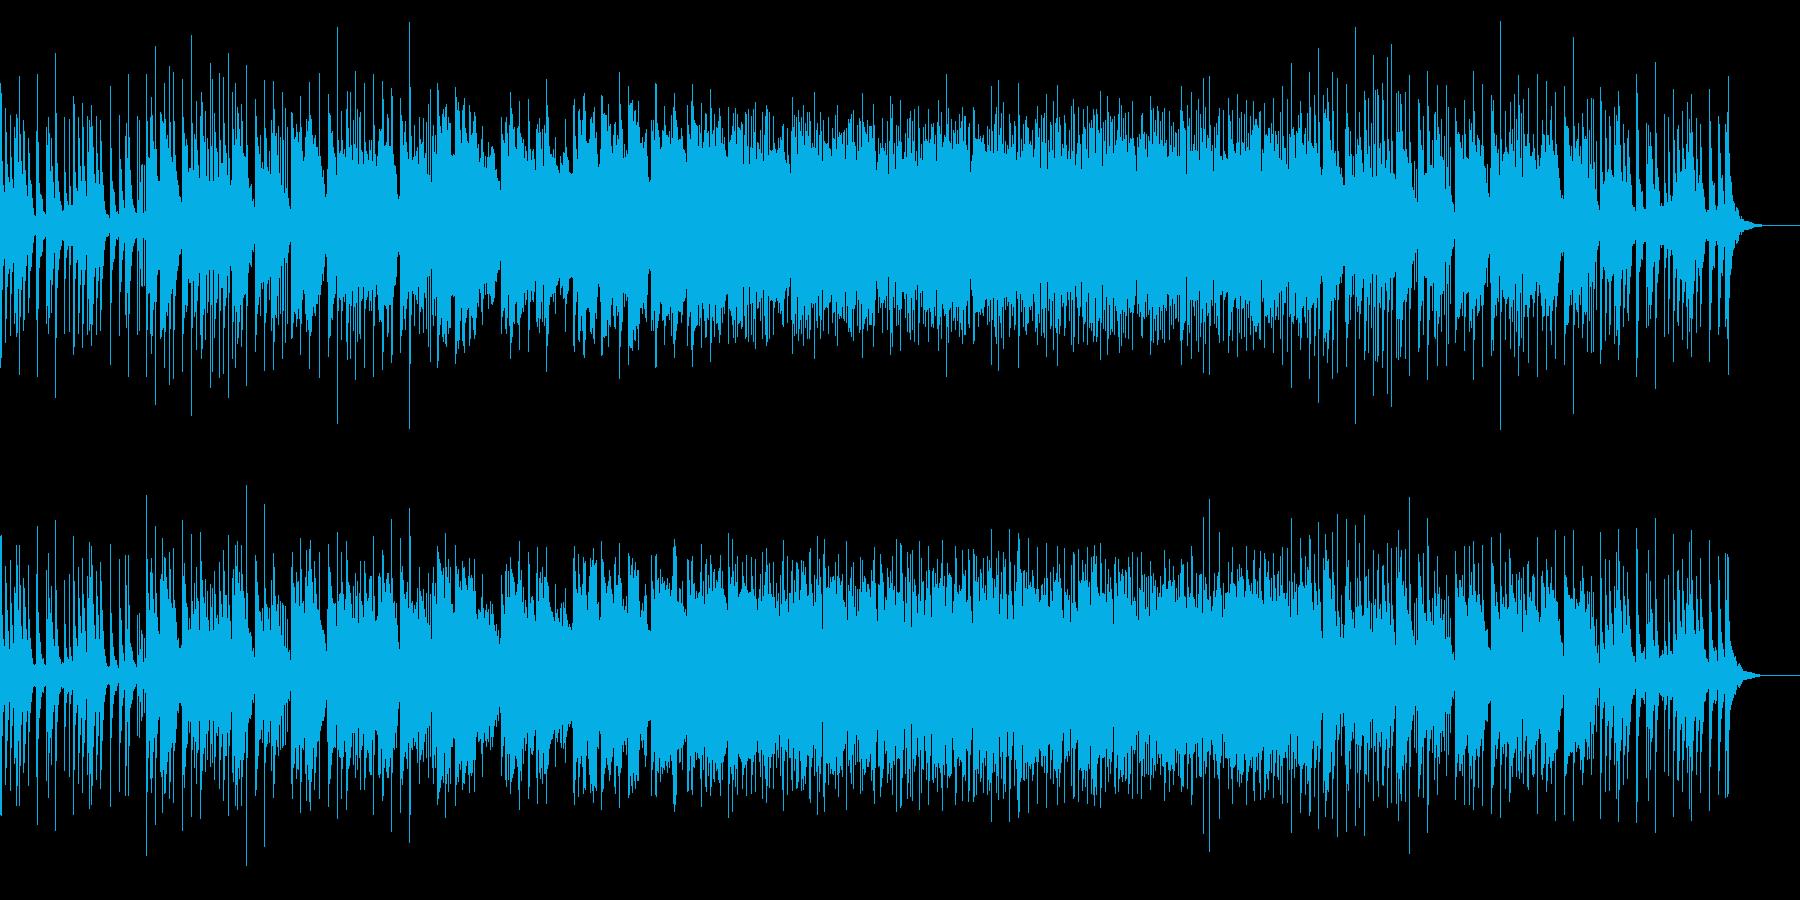 ファンタジーな森のBGM‐ループ無verの再生済みの波形